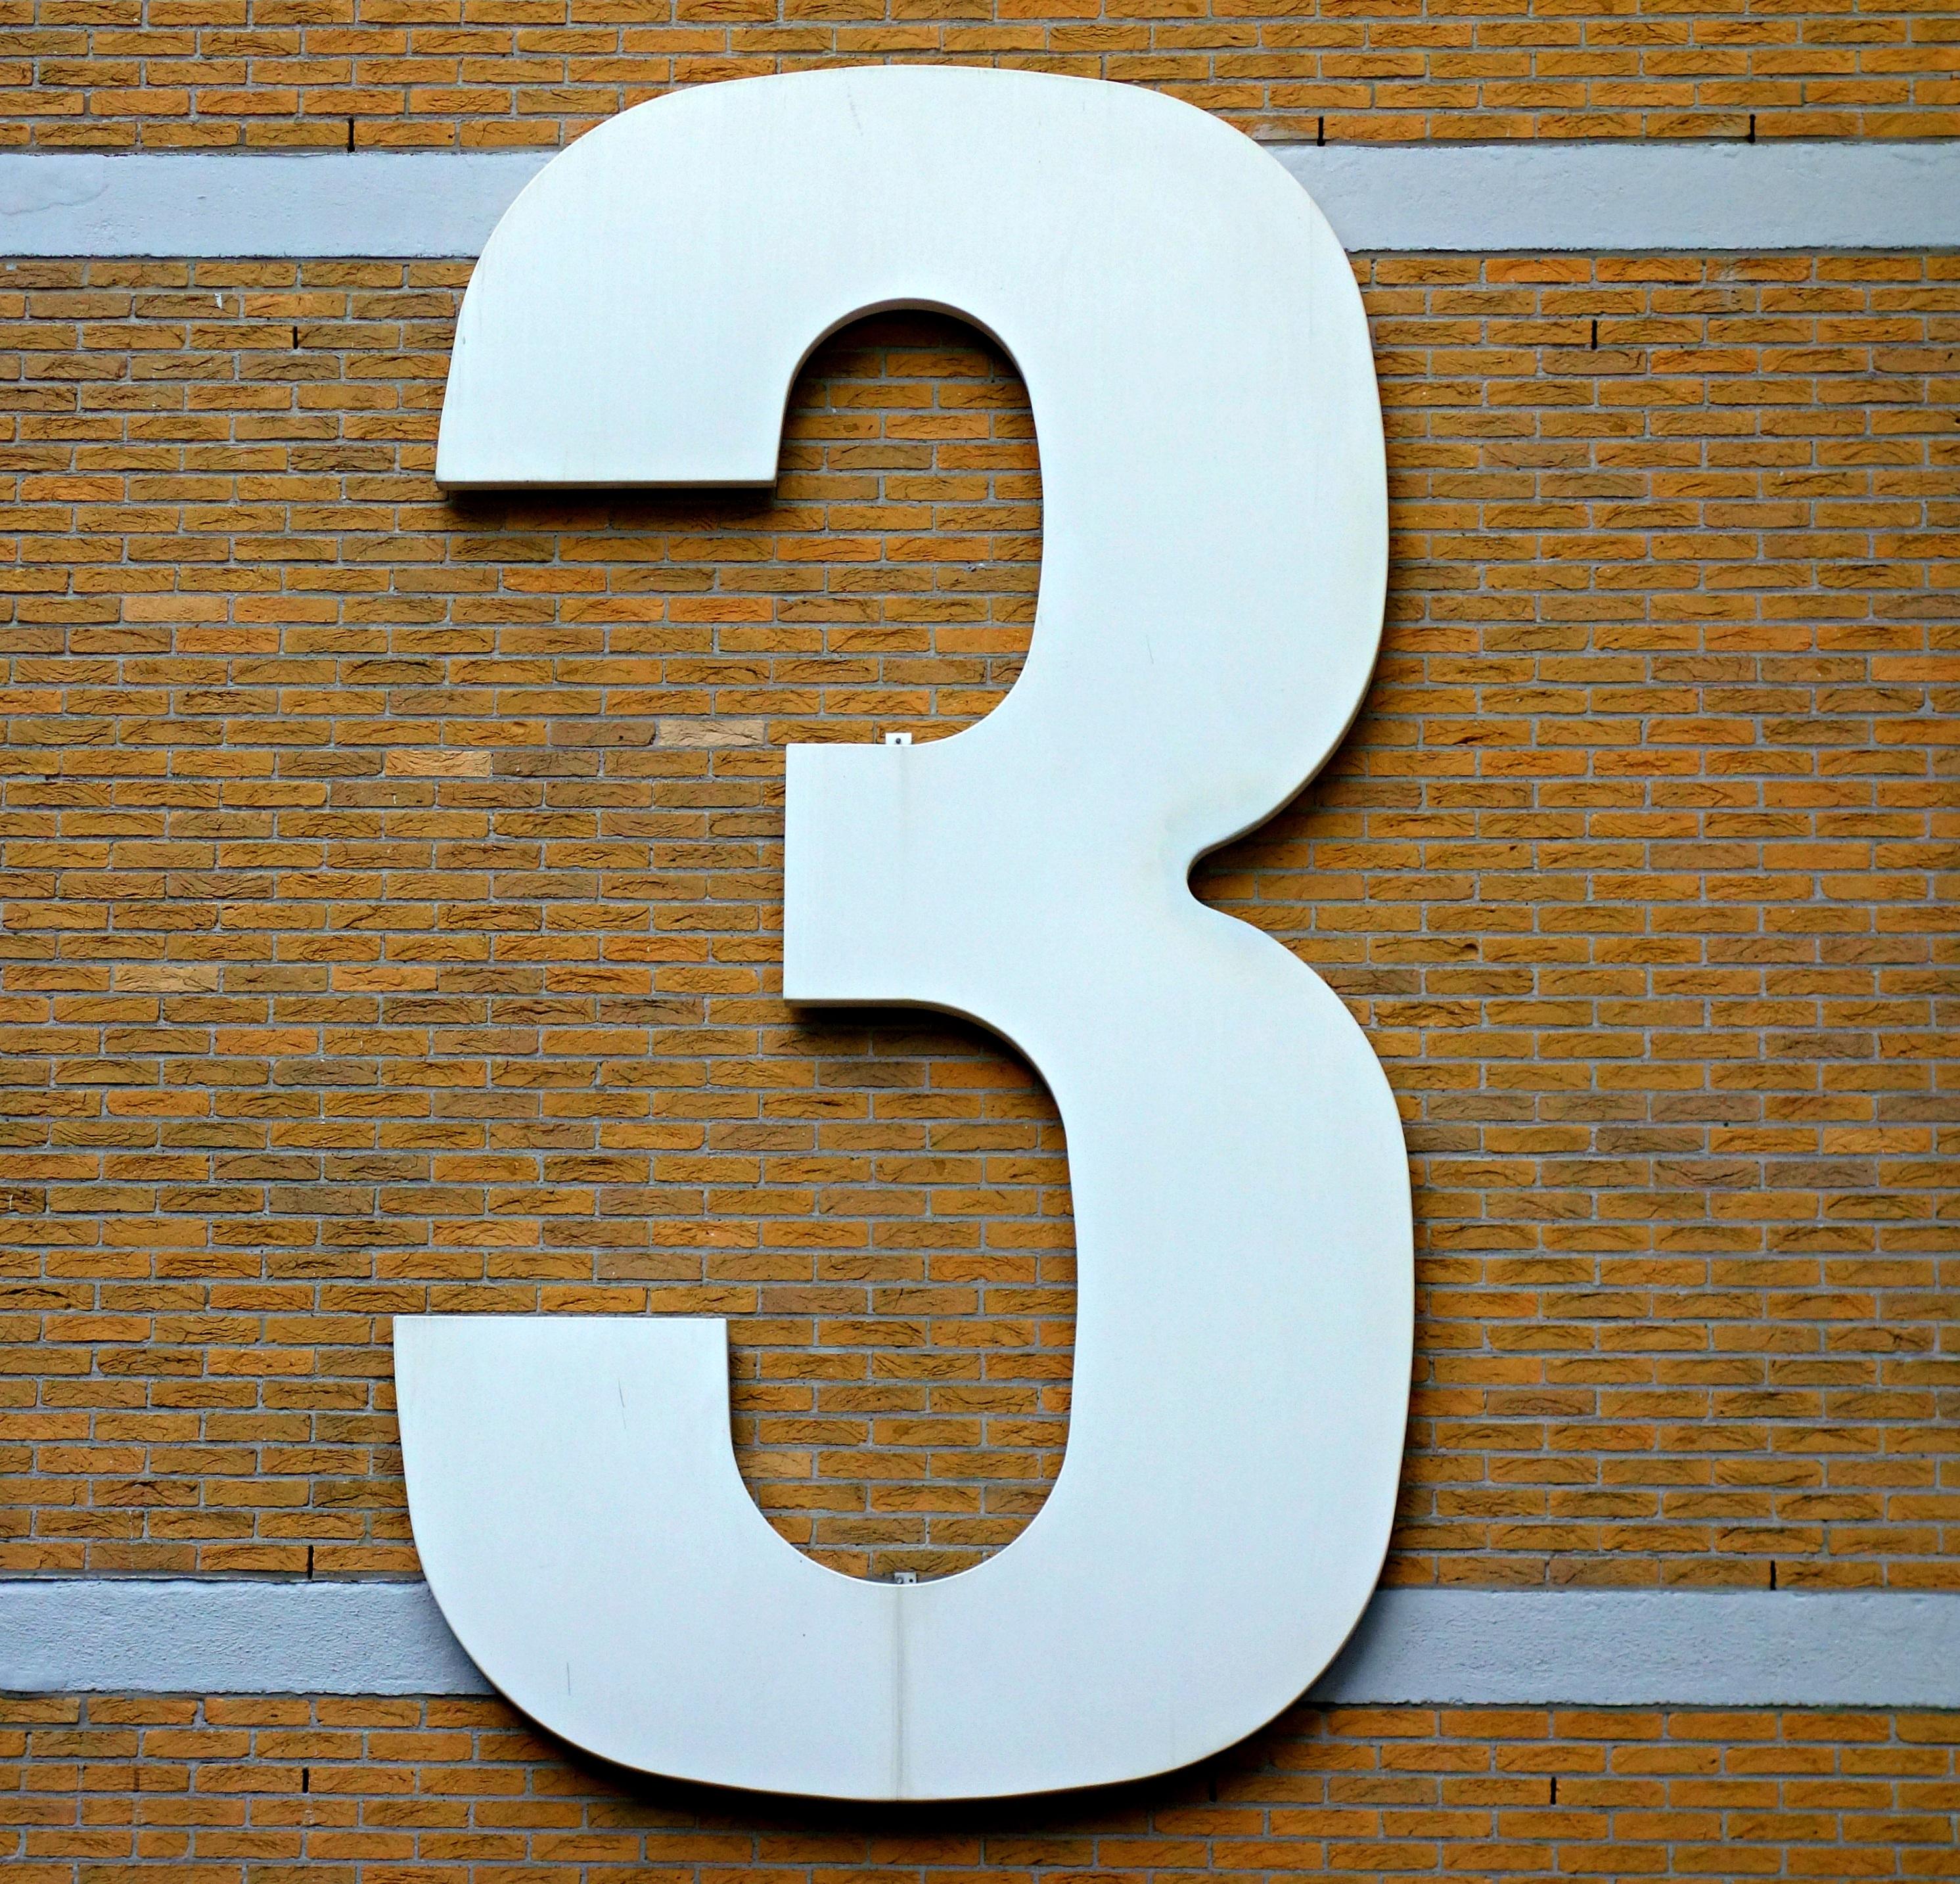 Номер три картинка